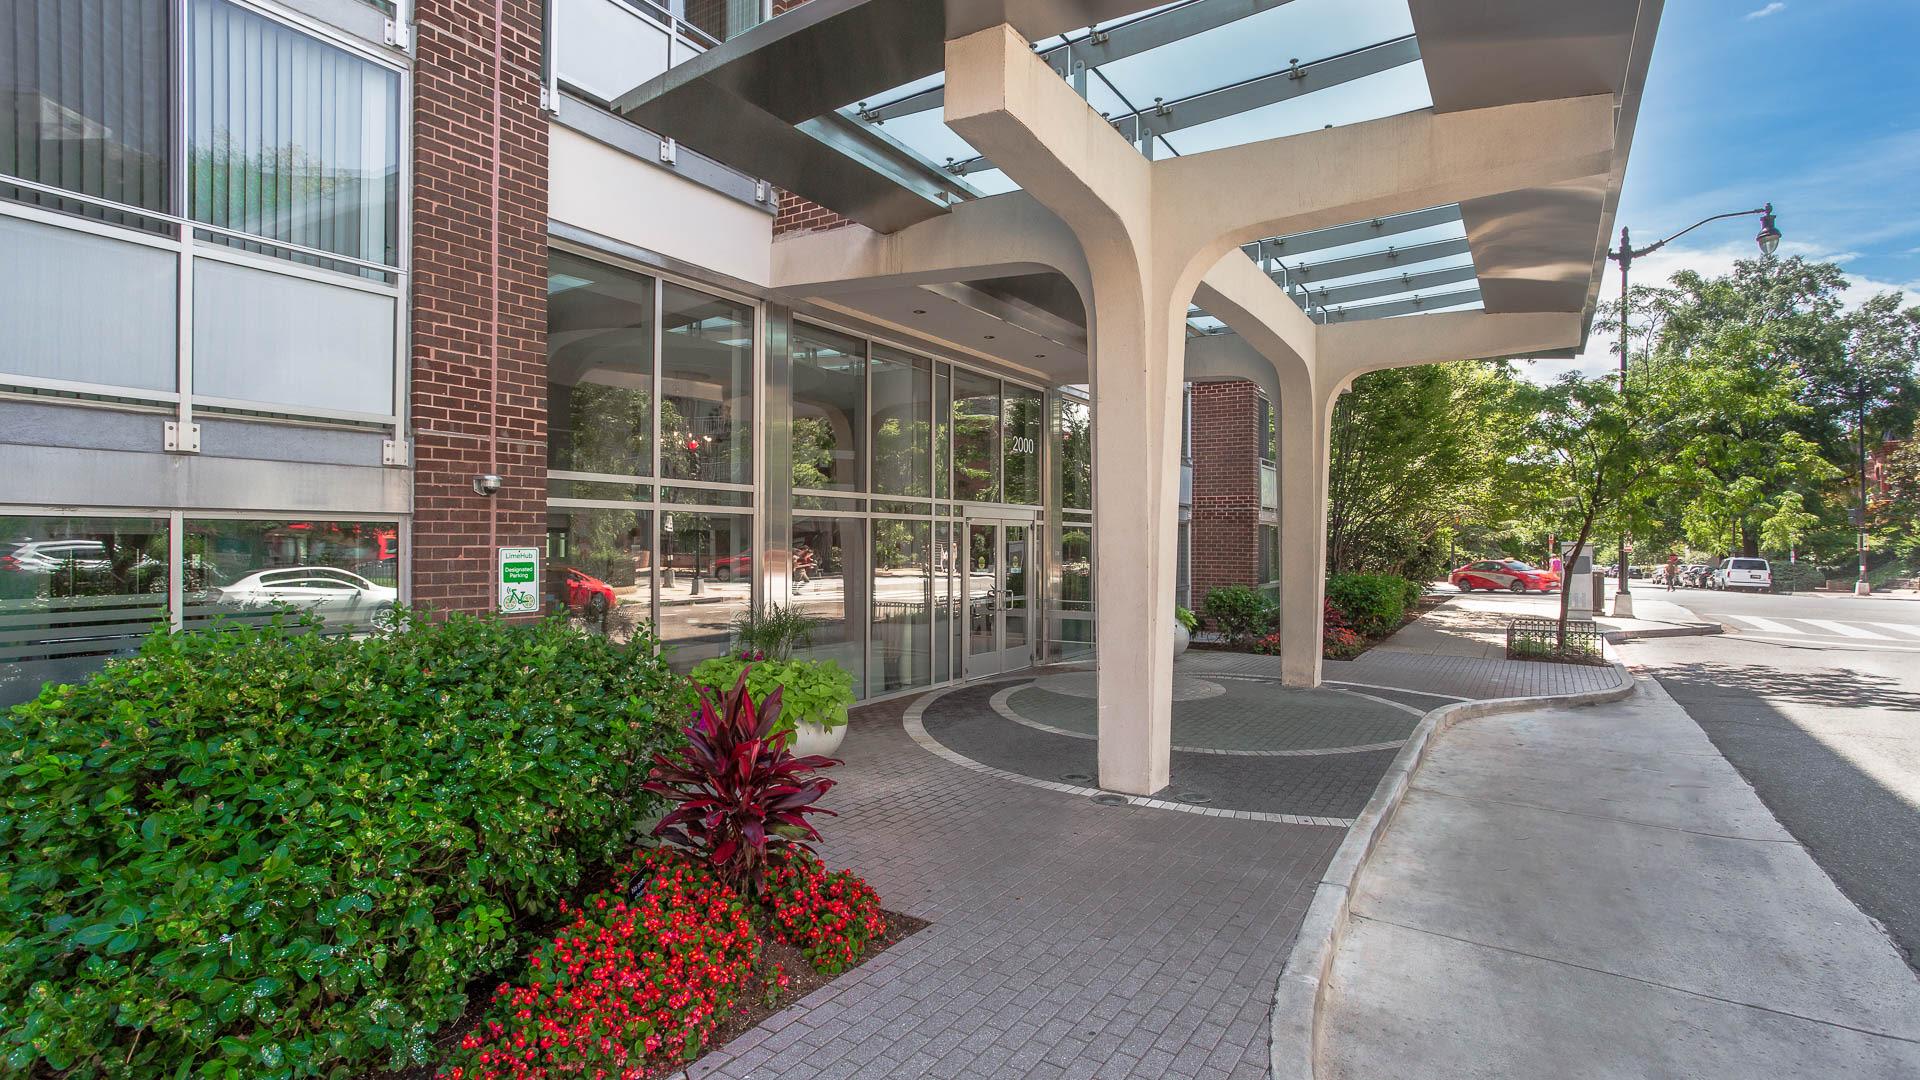 The Flats at Dupont Circle Apartments - Exterior